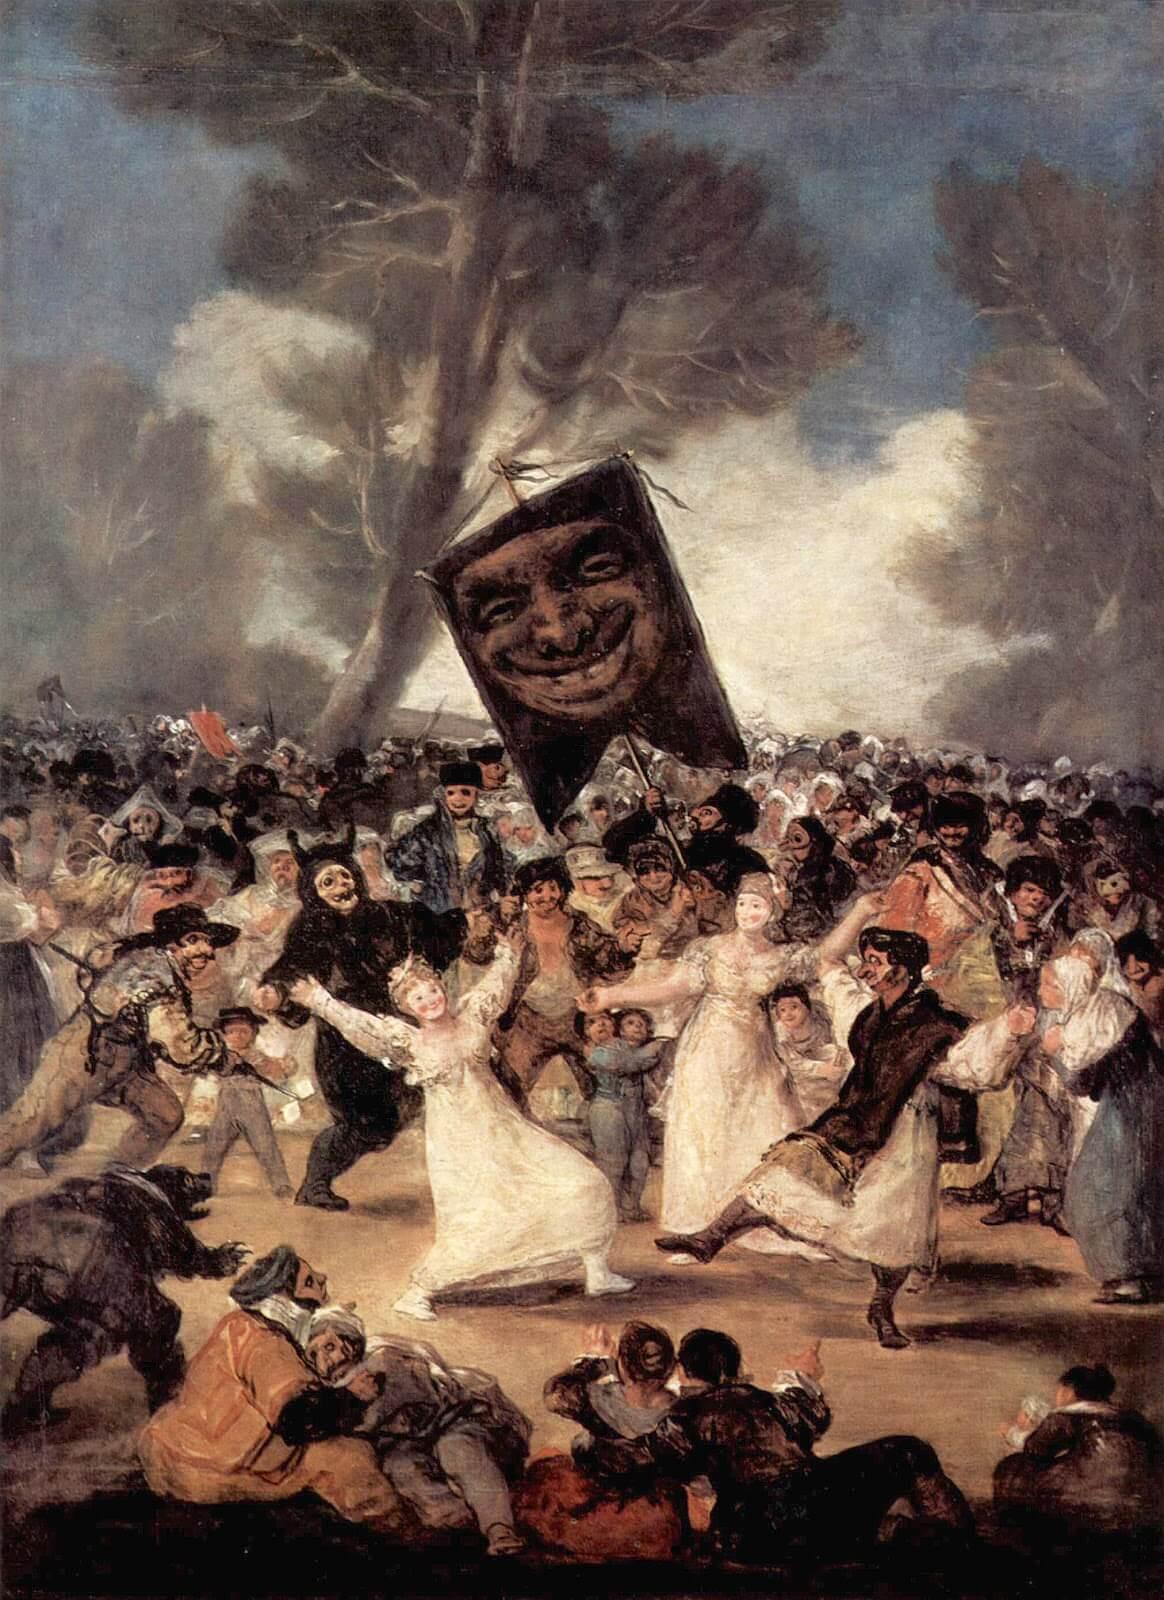 Figure 10. Goya, O enterro da sardinha.